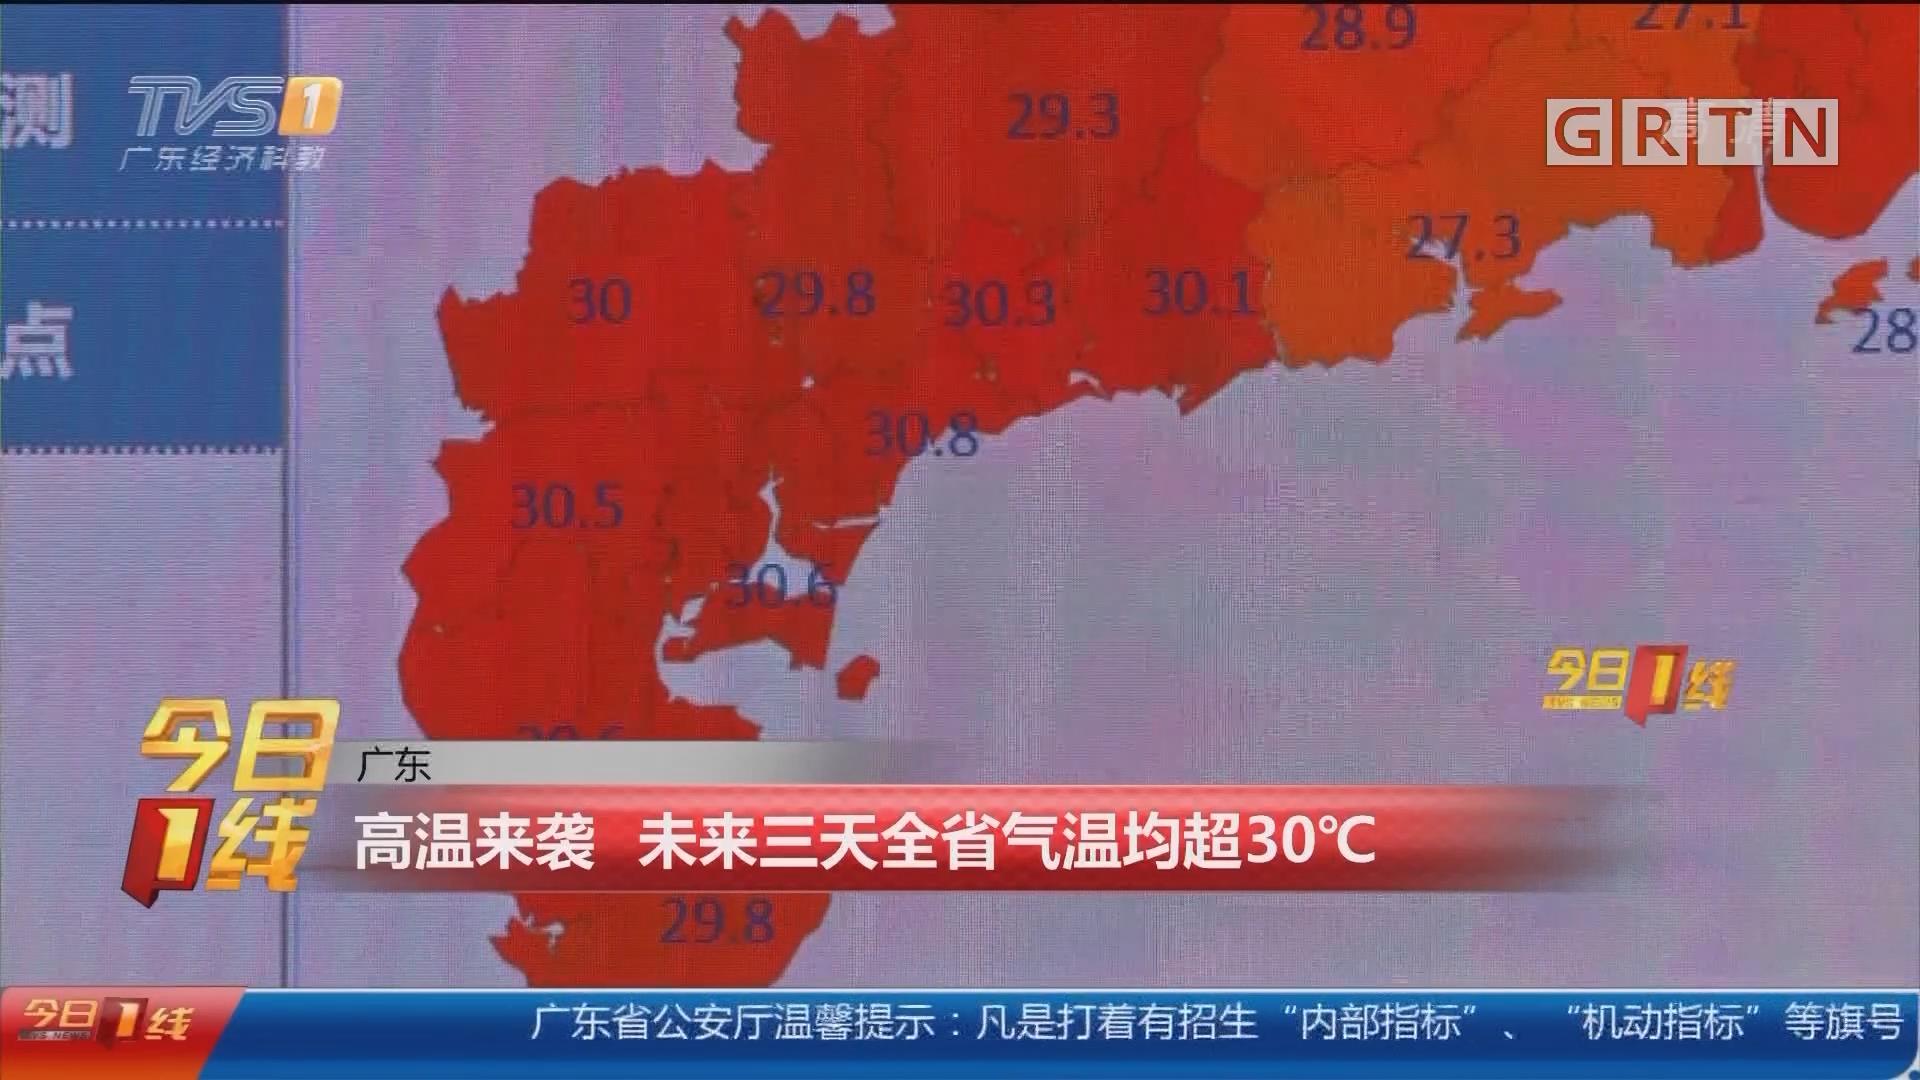 广东:高温来袭 未来三天全省气温均超30℃